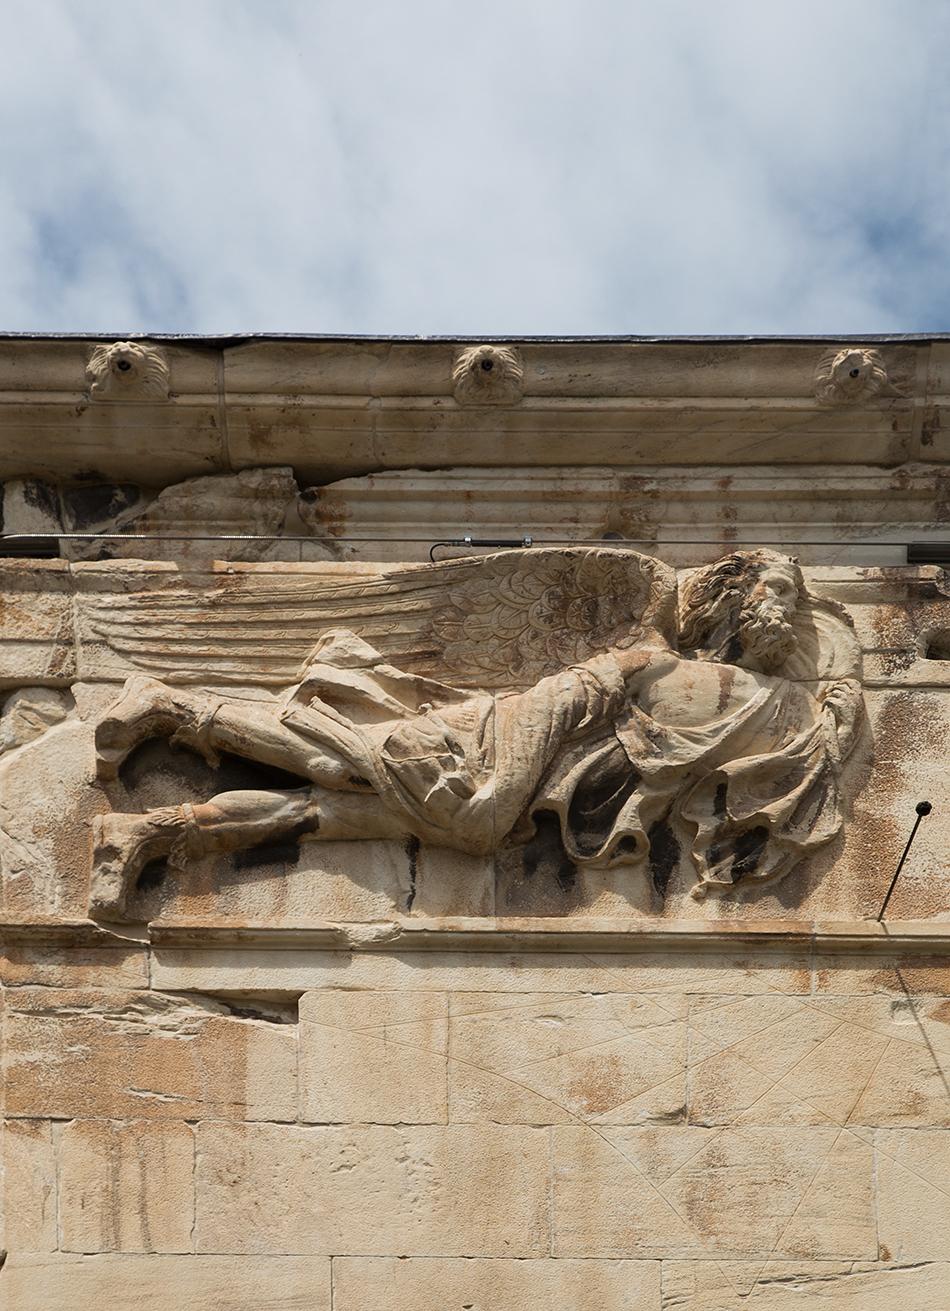 Athens, Römische Agora, Turm der Winde, Boreas, Fabian Fröhlich